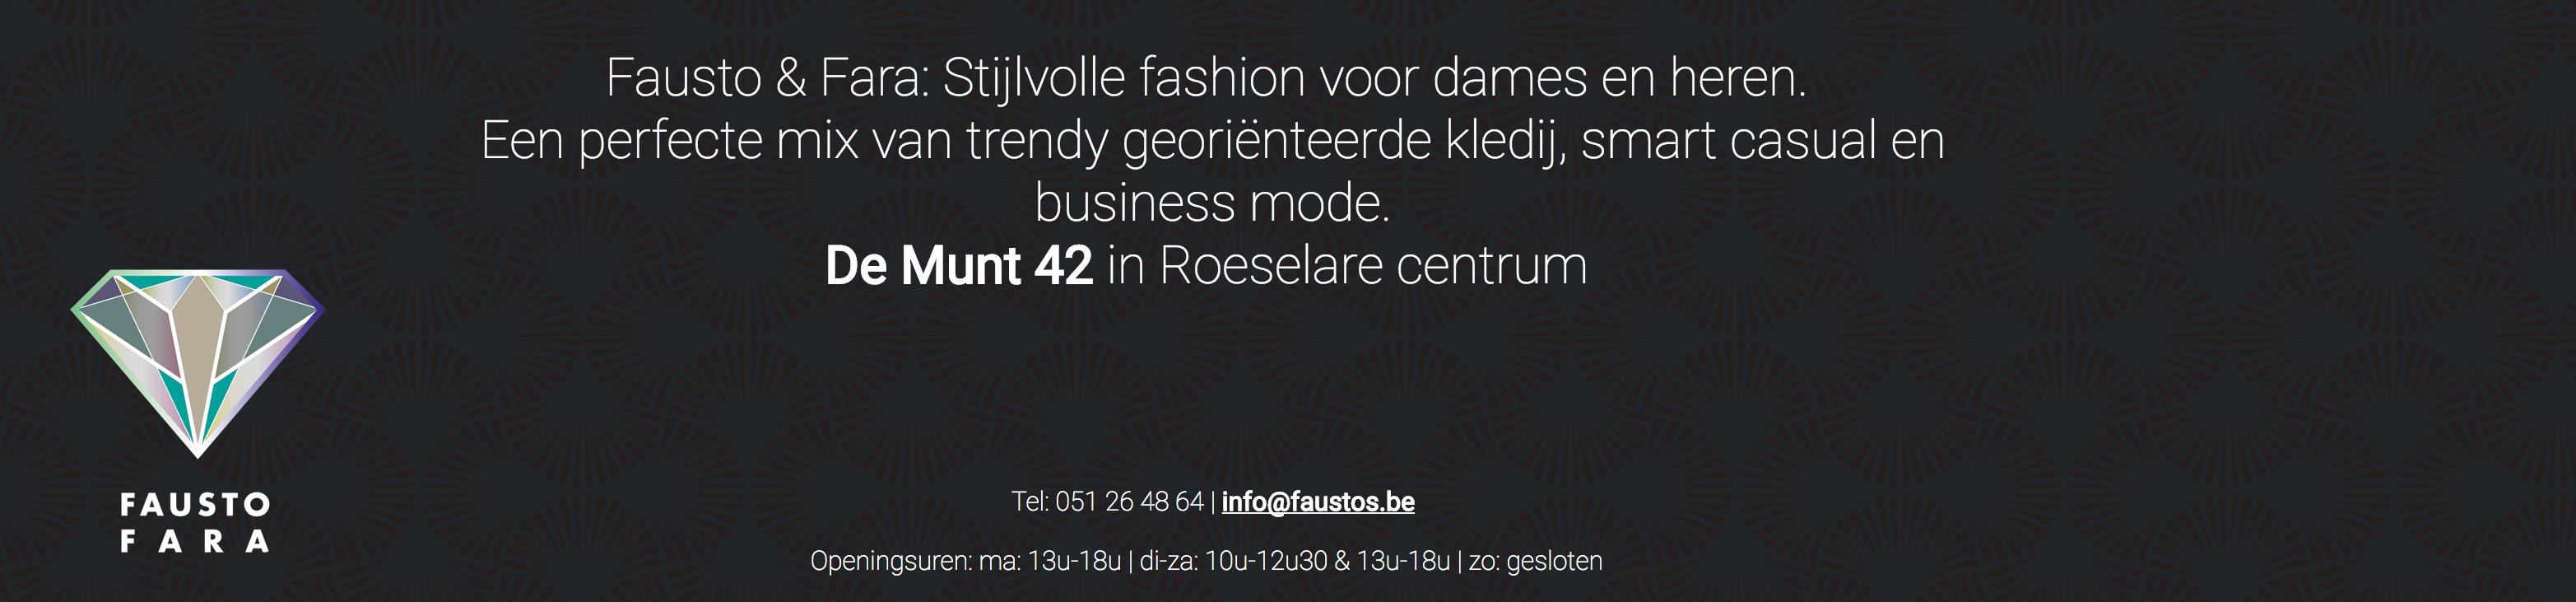 Fausto Fara stijlvolle fashion voor dames en heren De Munt Roeselare